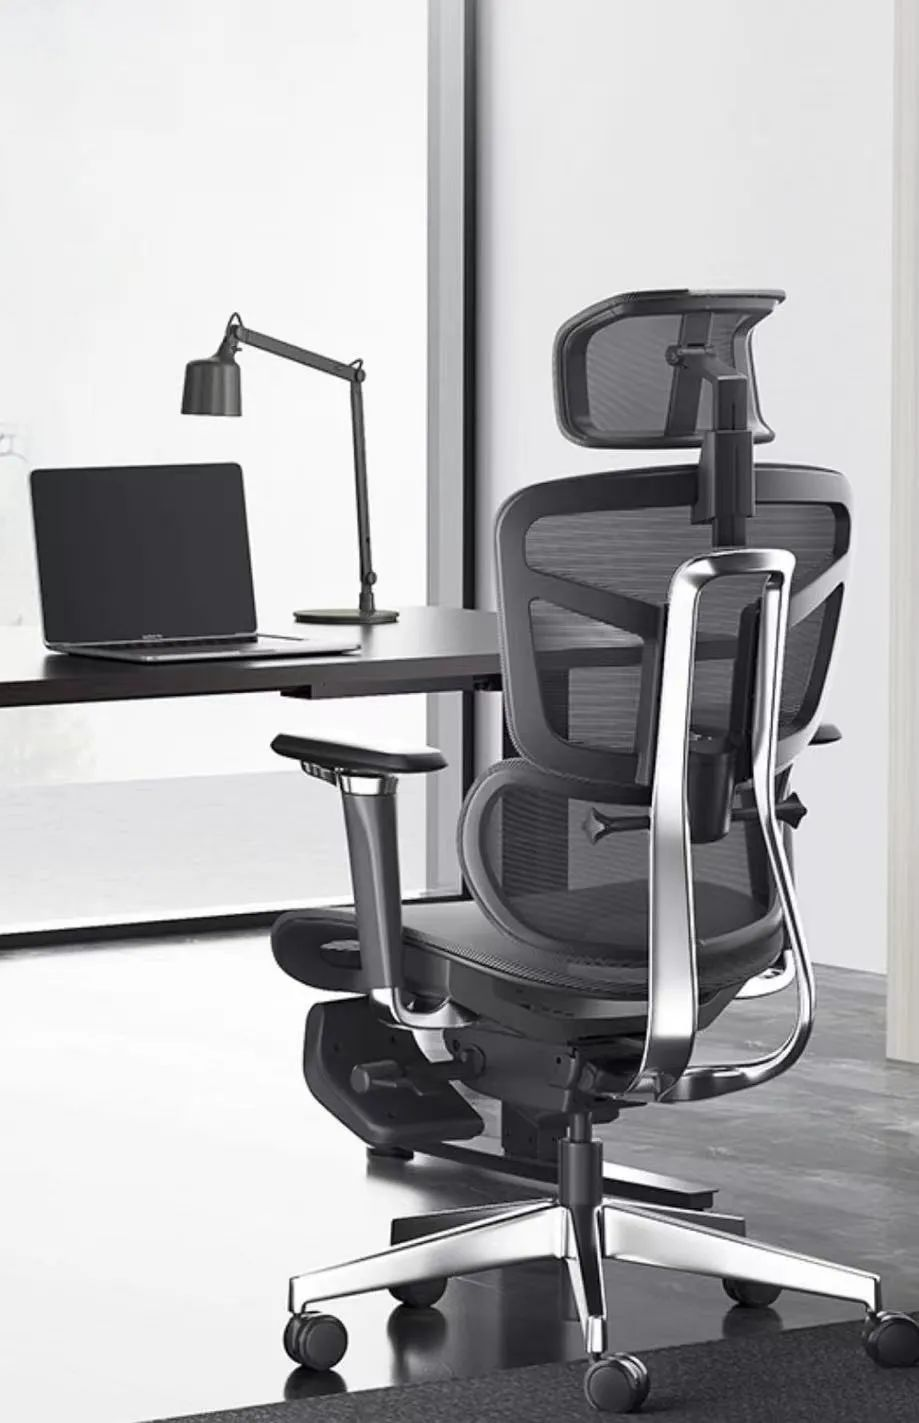 一万多块的办公椅,到底是不是智商税